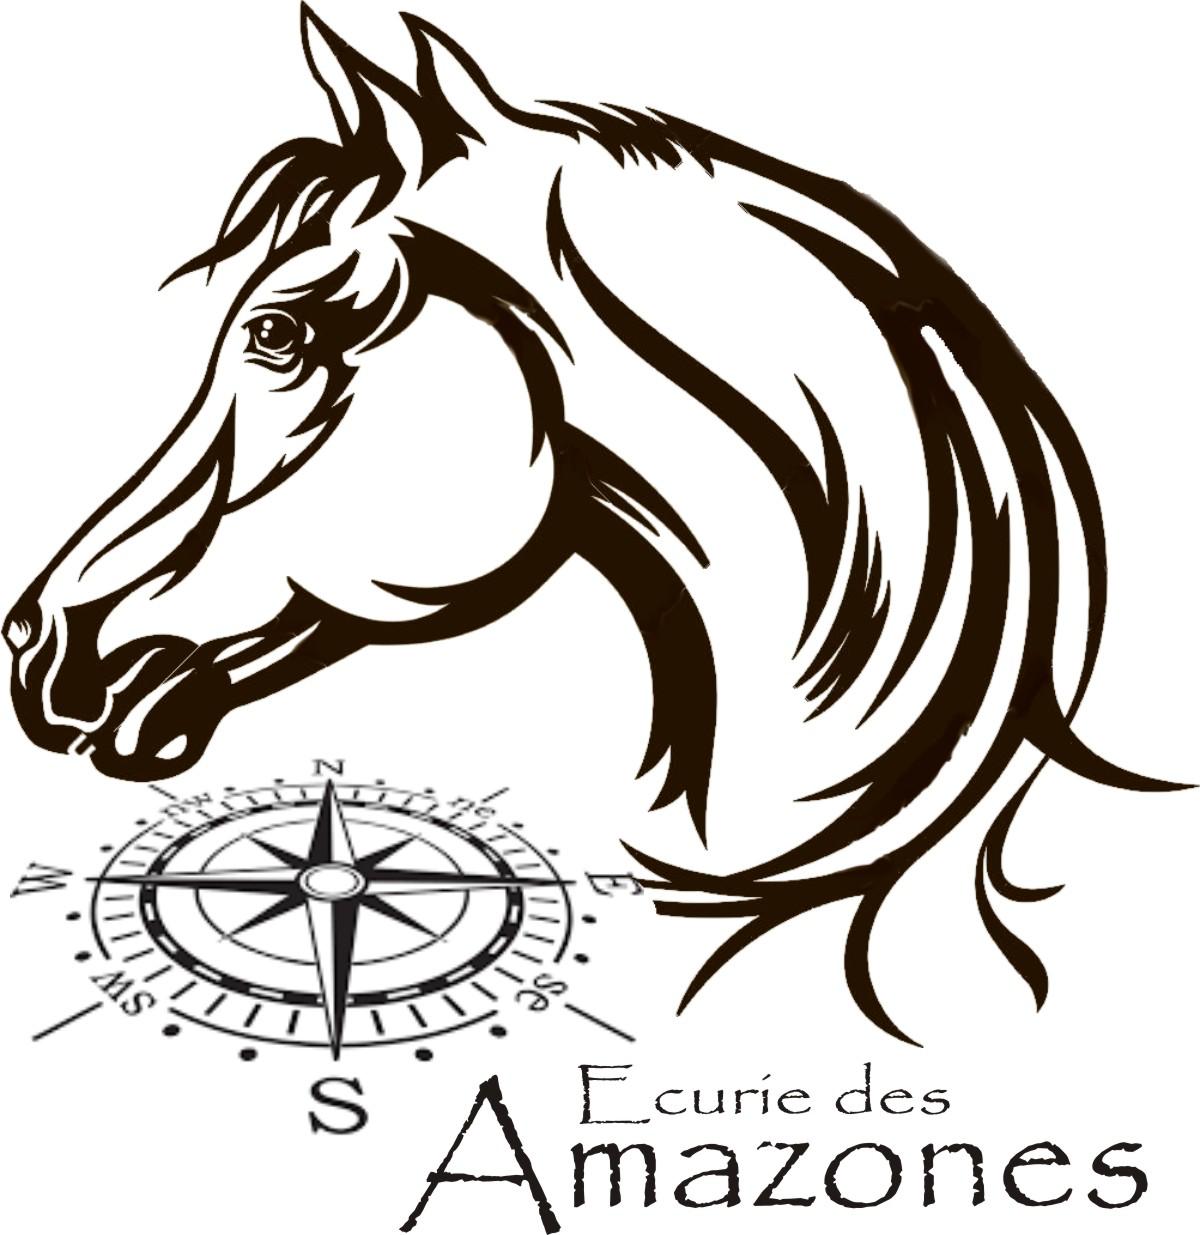 Ecurie Des Amazones